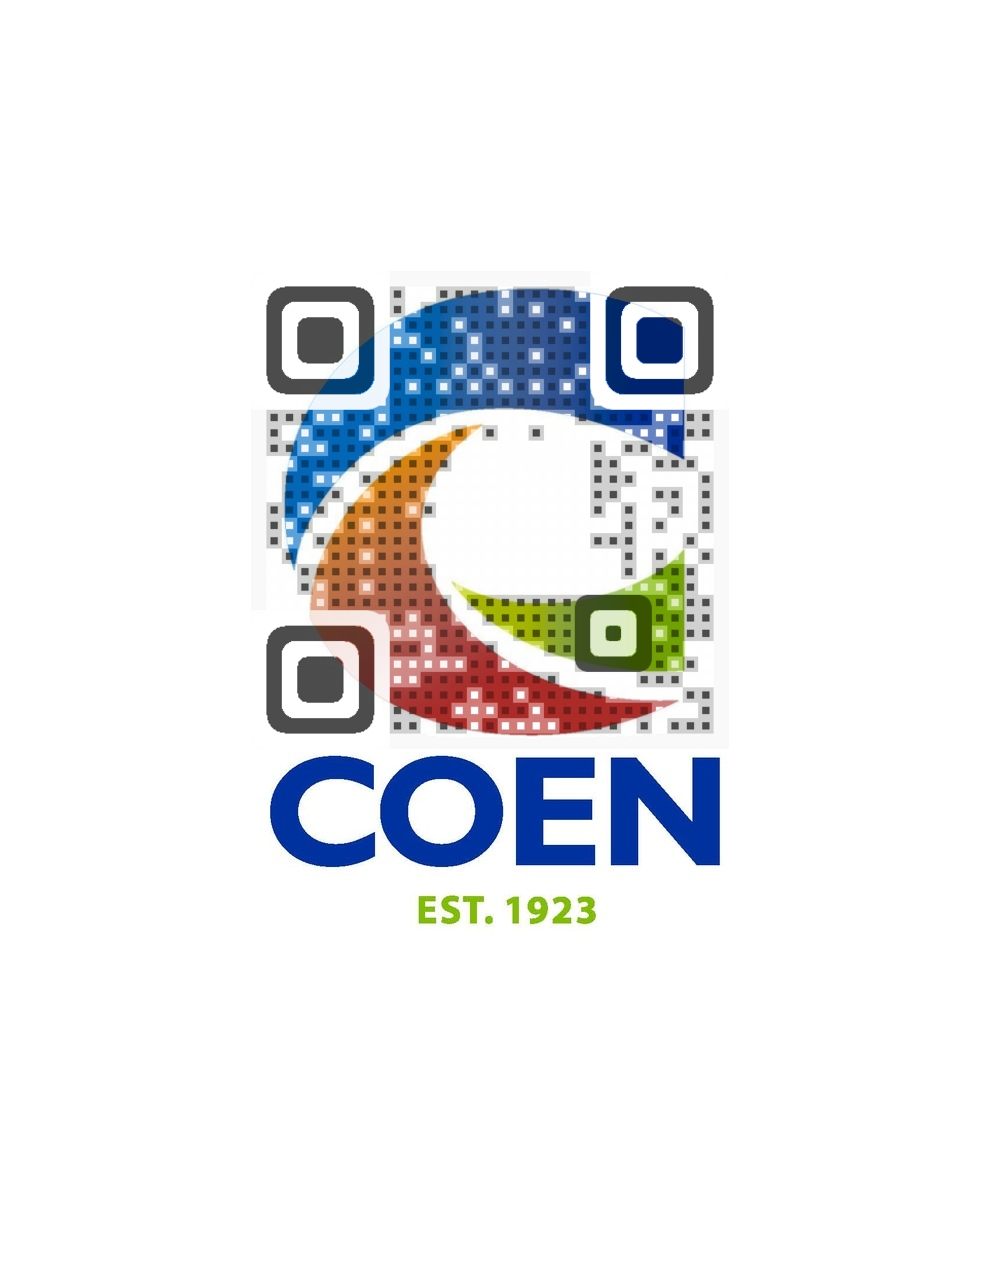 Coen Oil QR Code